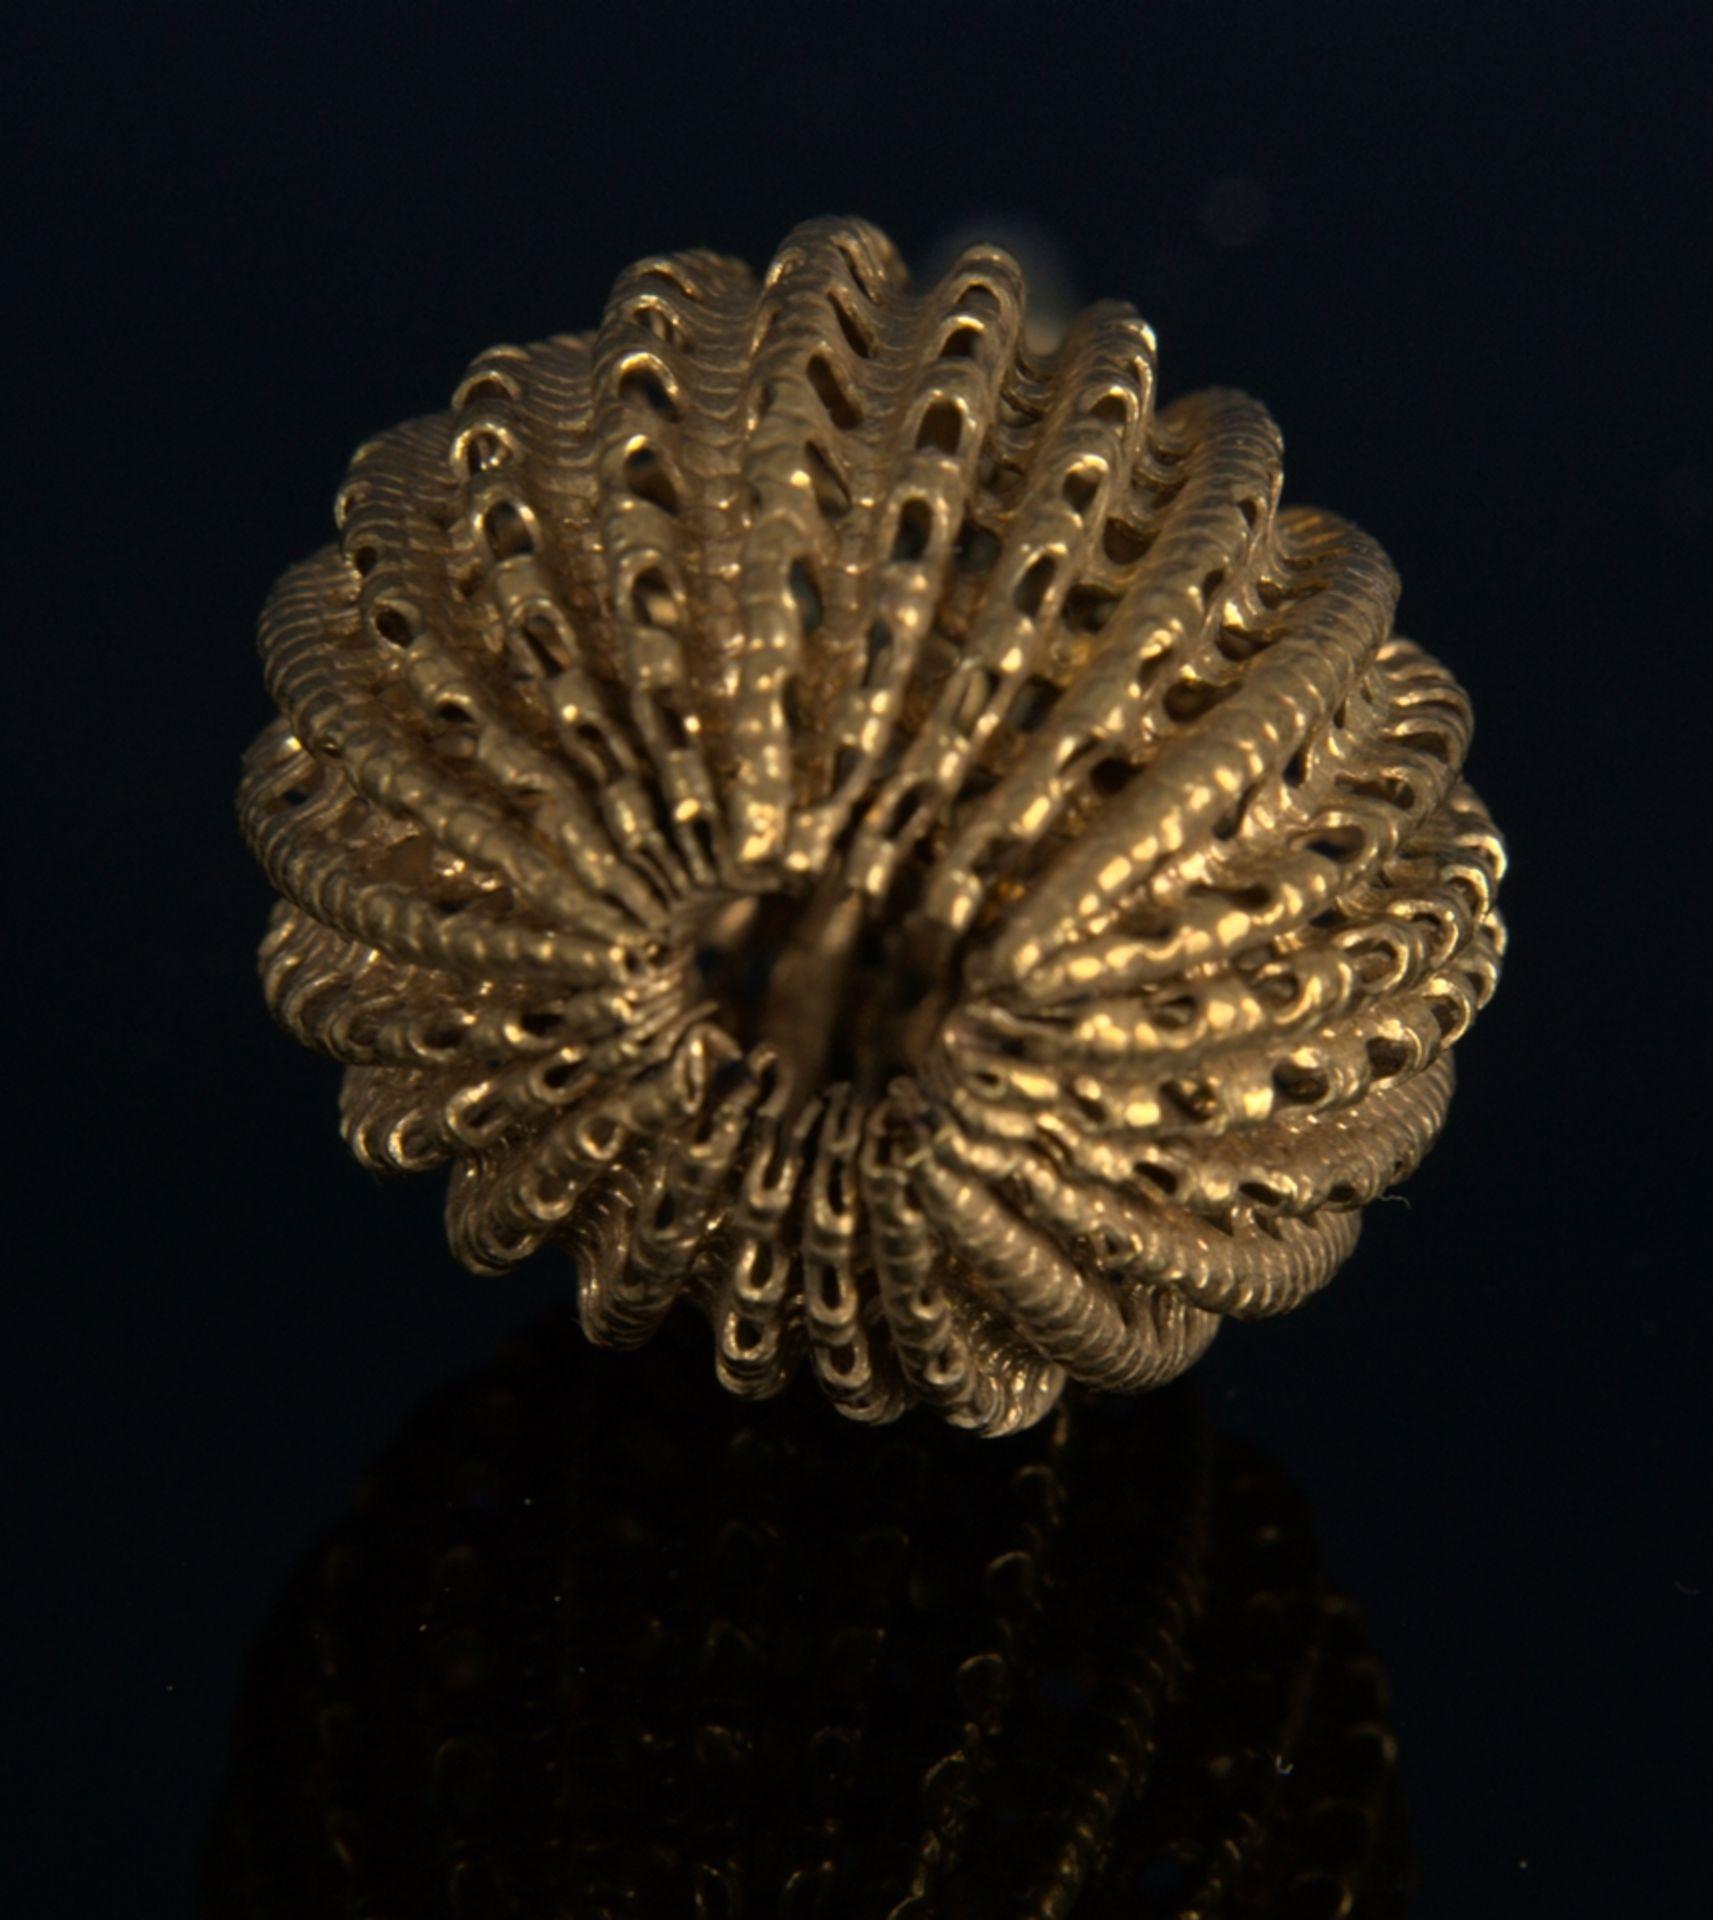 8teilige Sammlung versch. Taschenuhrenschlüssel, überwiegend 19. Jhd. Versch. Alter, Größen, - Bild 23 aus 24